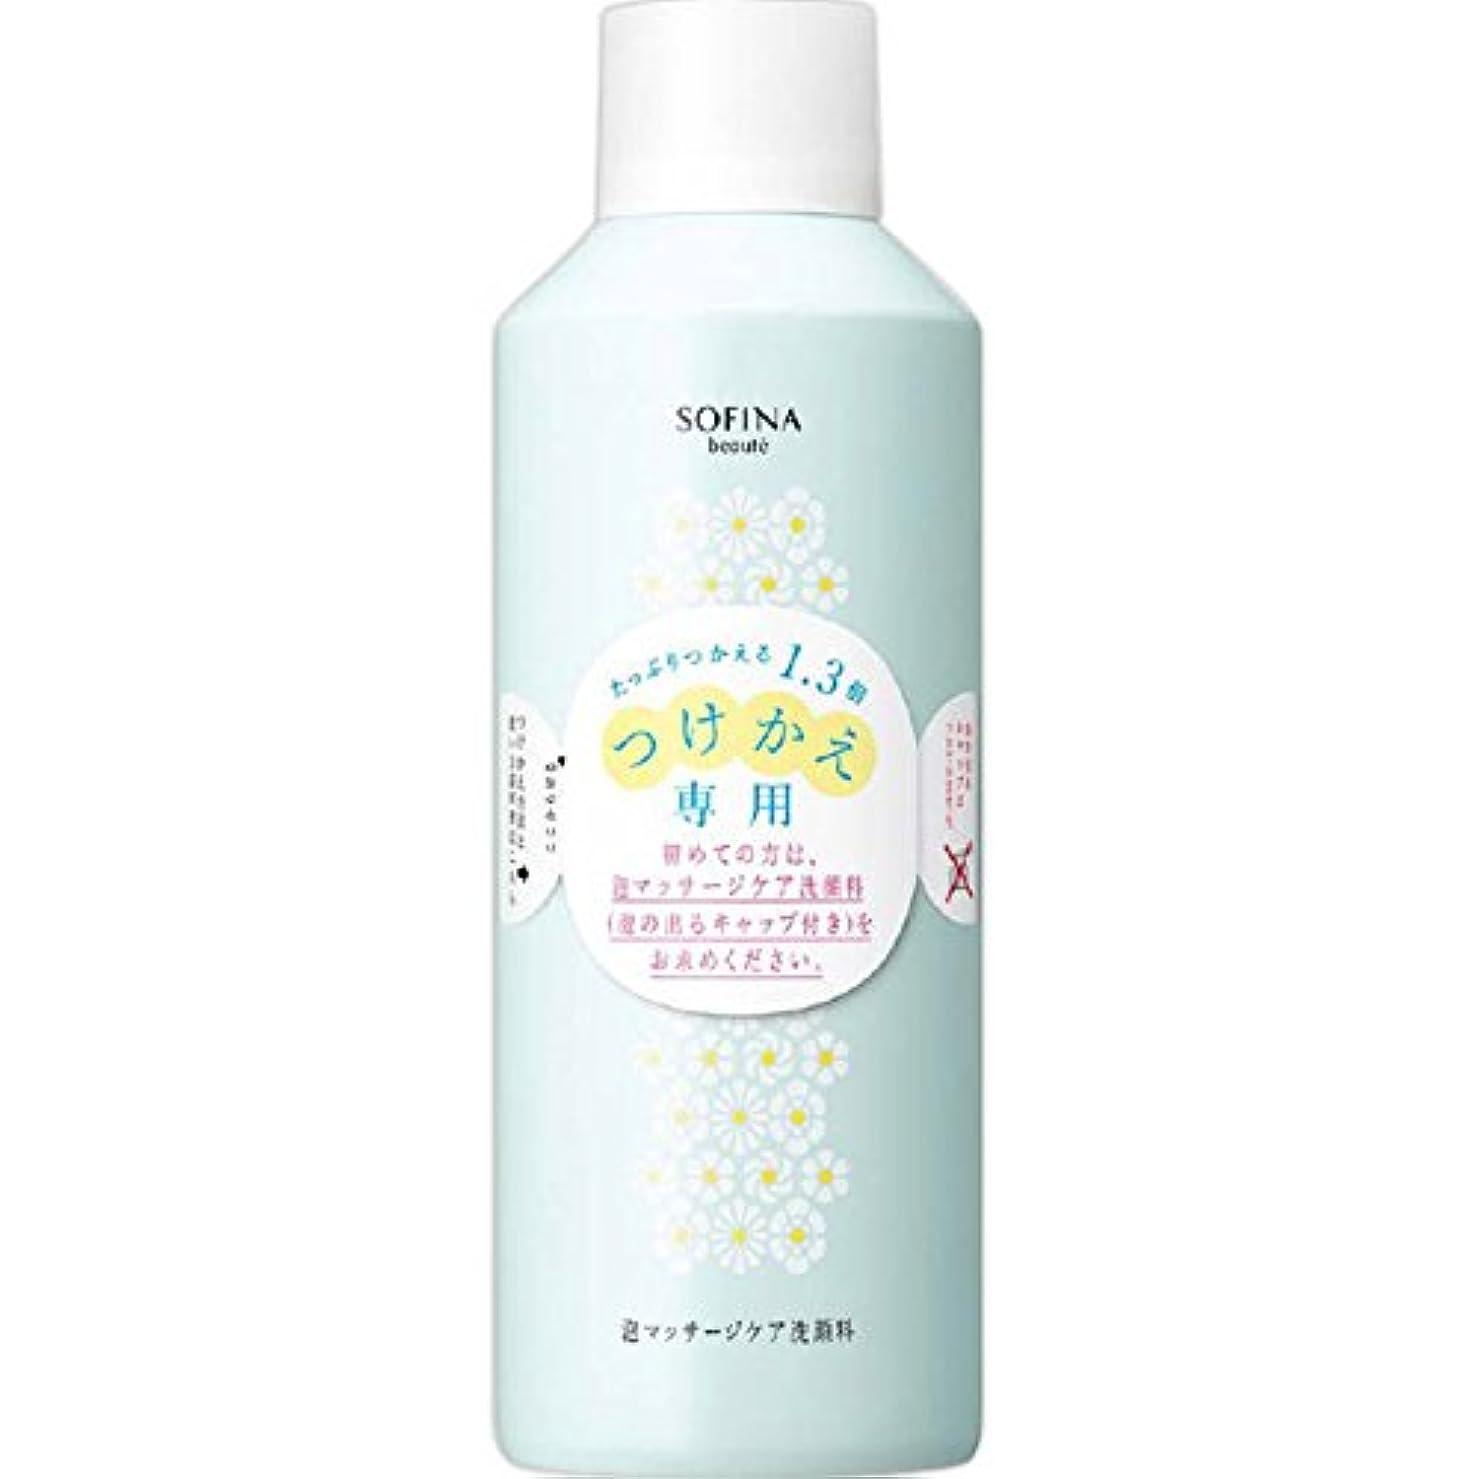 時々時々歌う破産花王ソフィーナ ボーテ 泡マッサージケア洗顔料 つけかえ専用230g